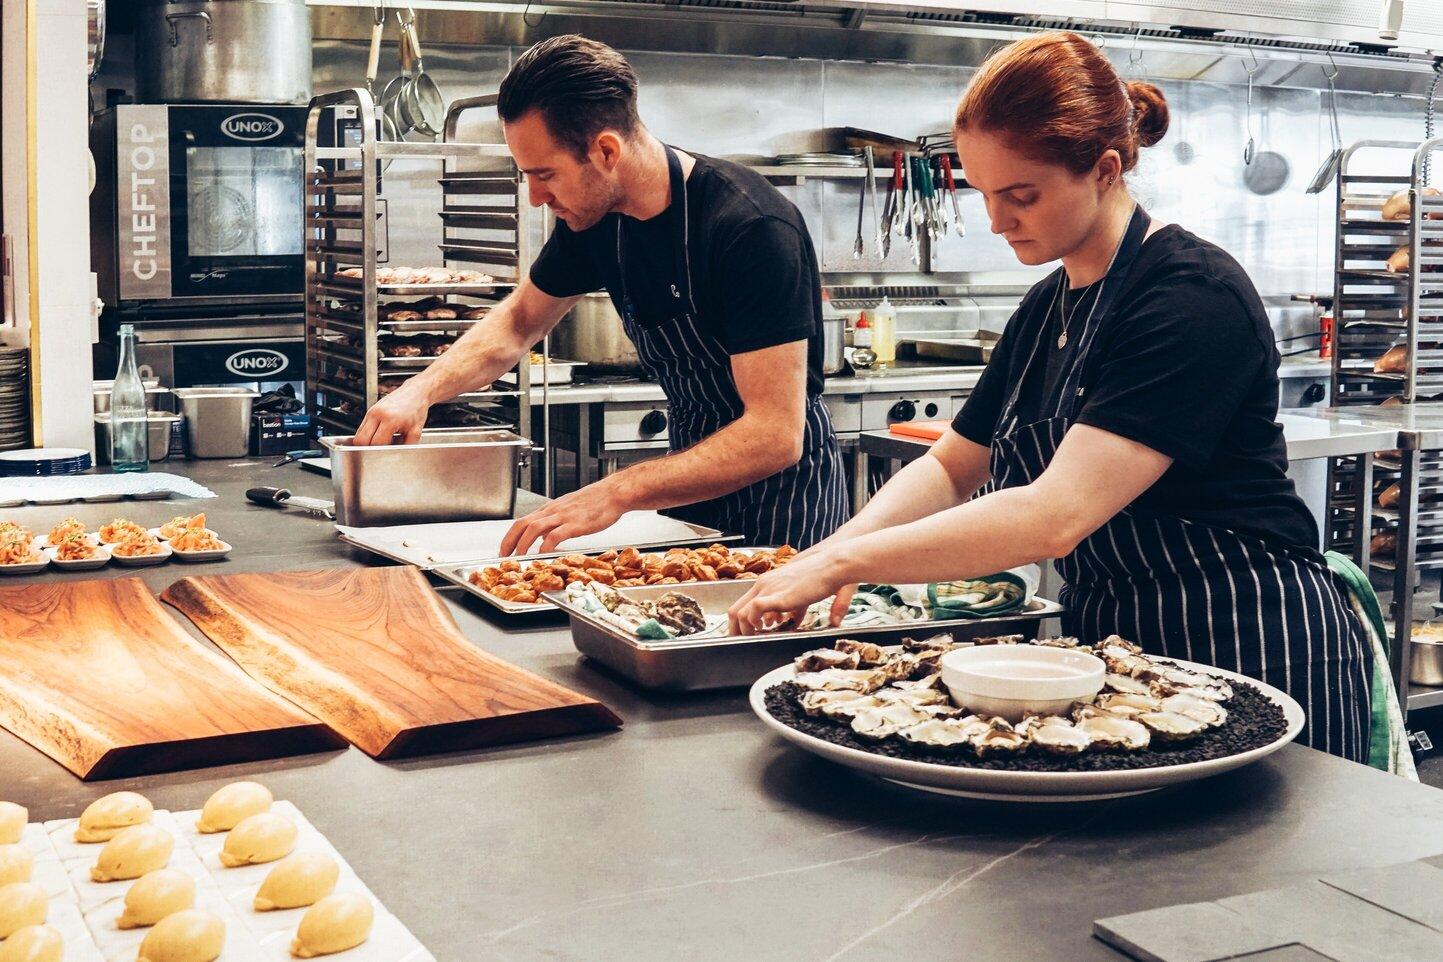 Temel Aşçılık Eğitimi Nasıl Olmalı?